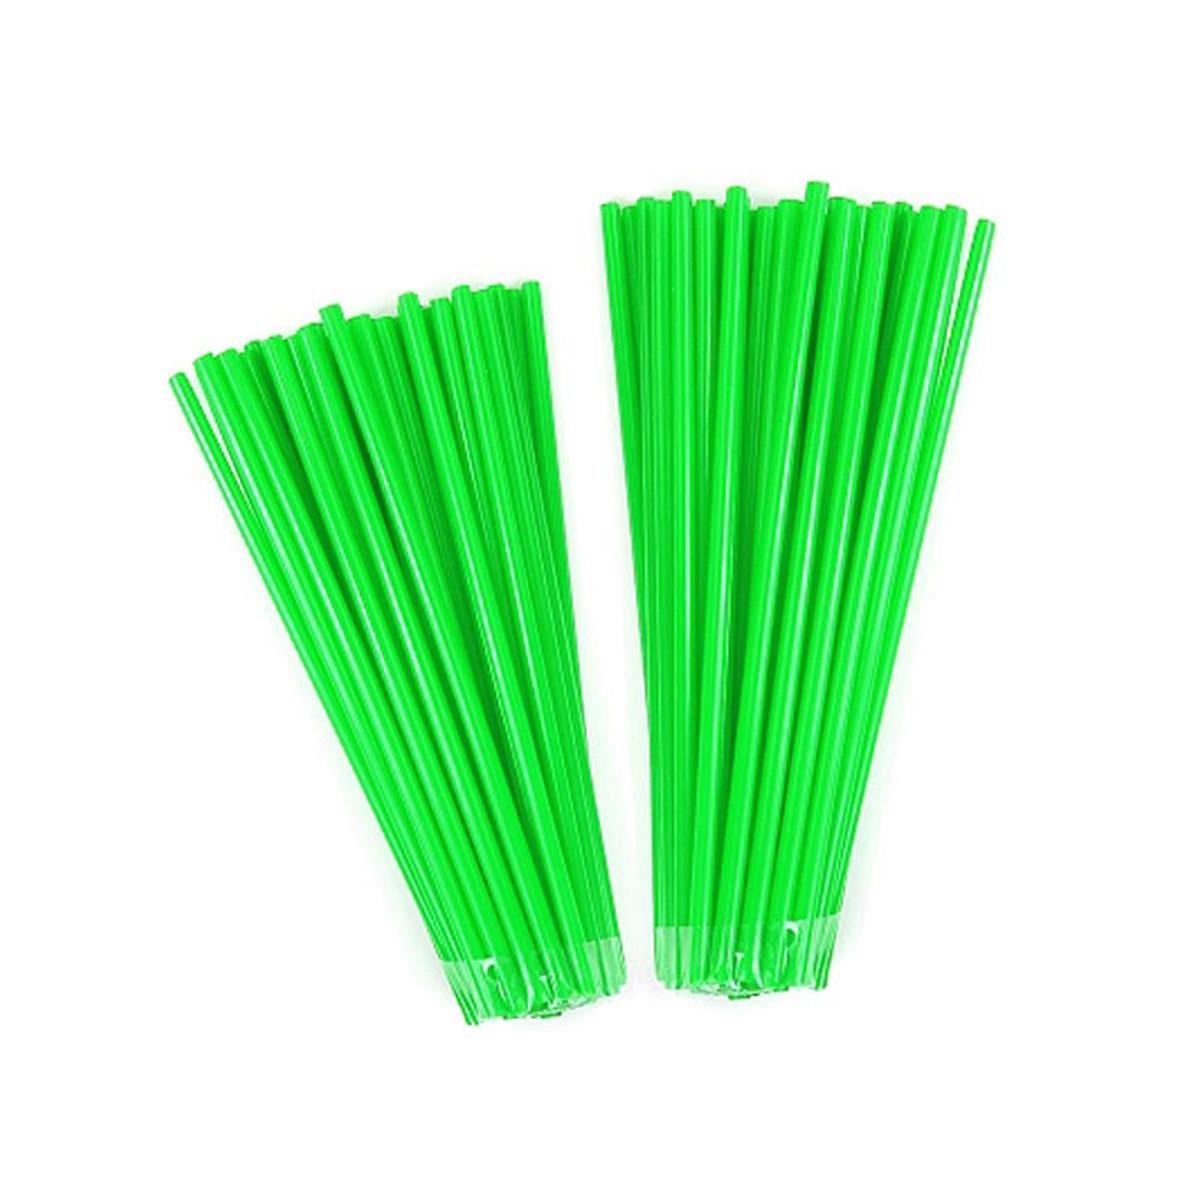 Jeu de couvre rayons - Vert